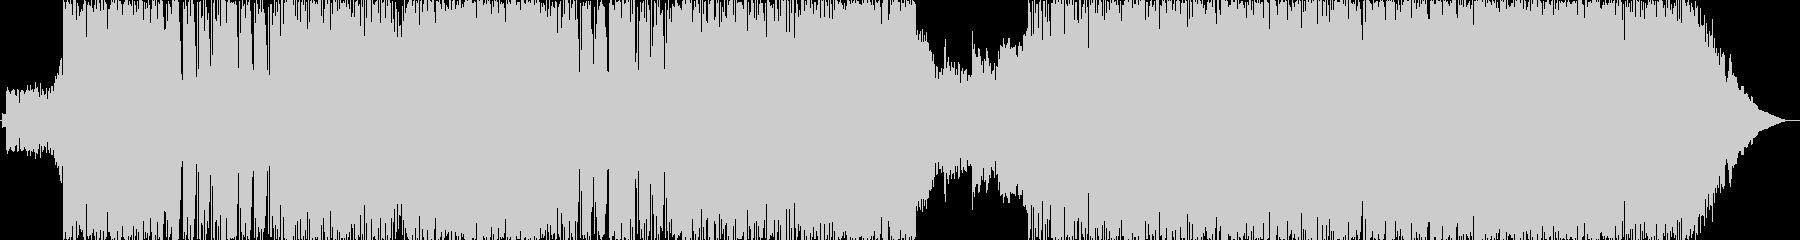 サビが印象的なROCK調のBGMの未再生の波形